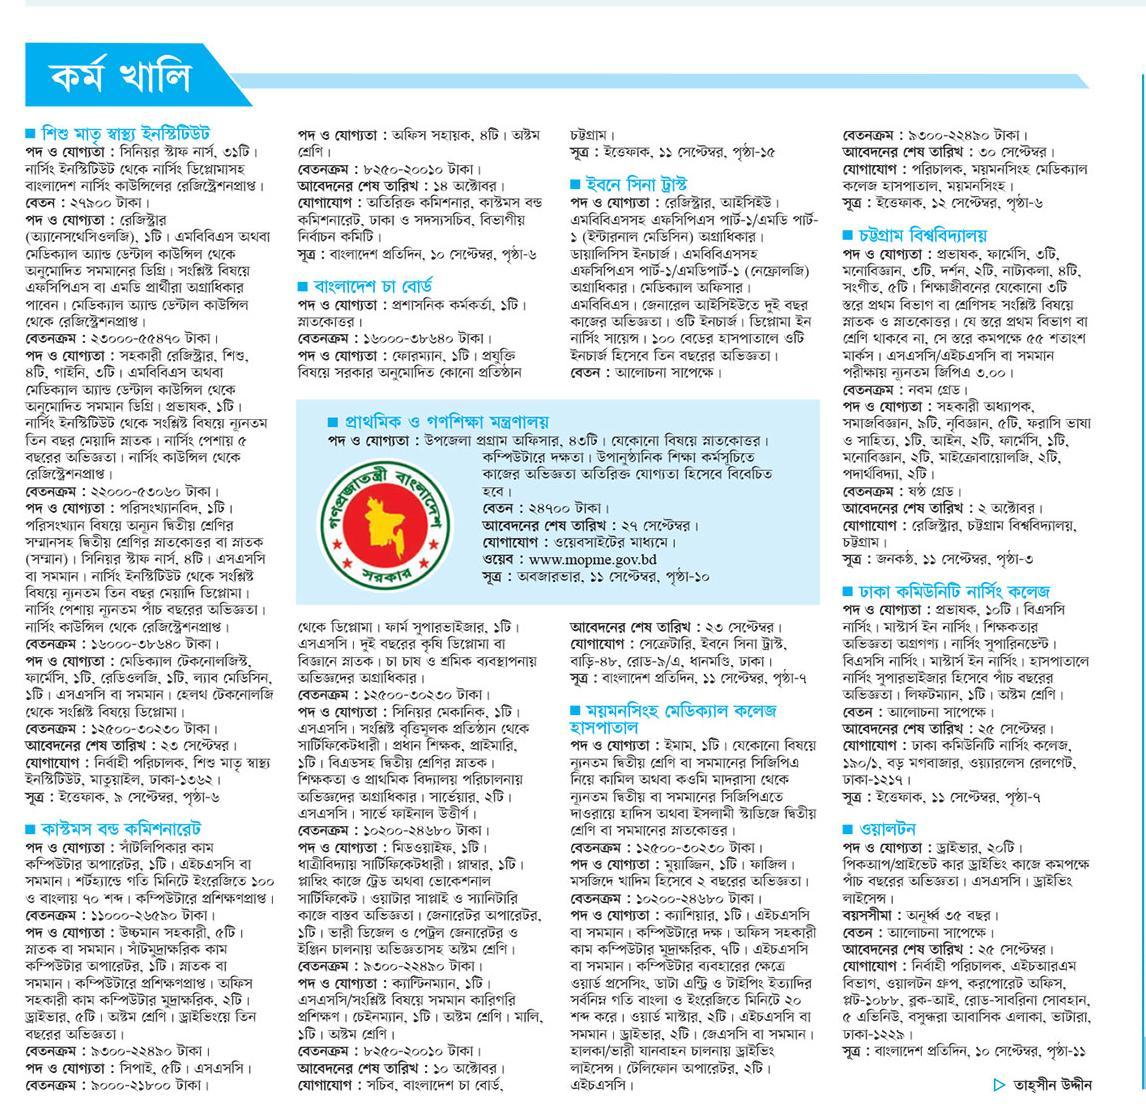 kaler kontho weekly newspaper jobs circular